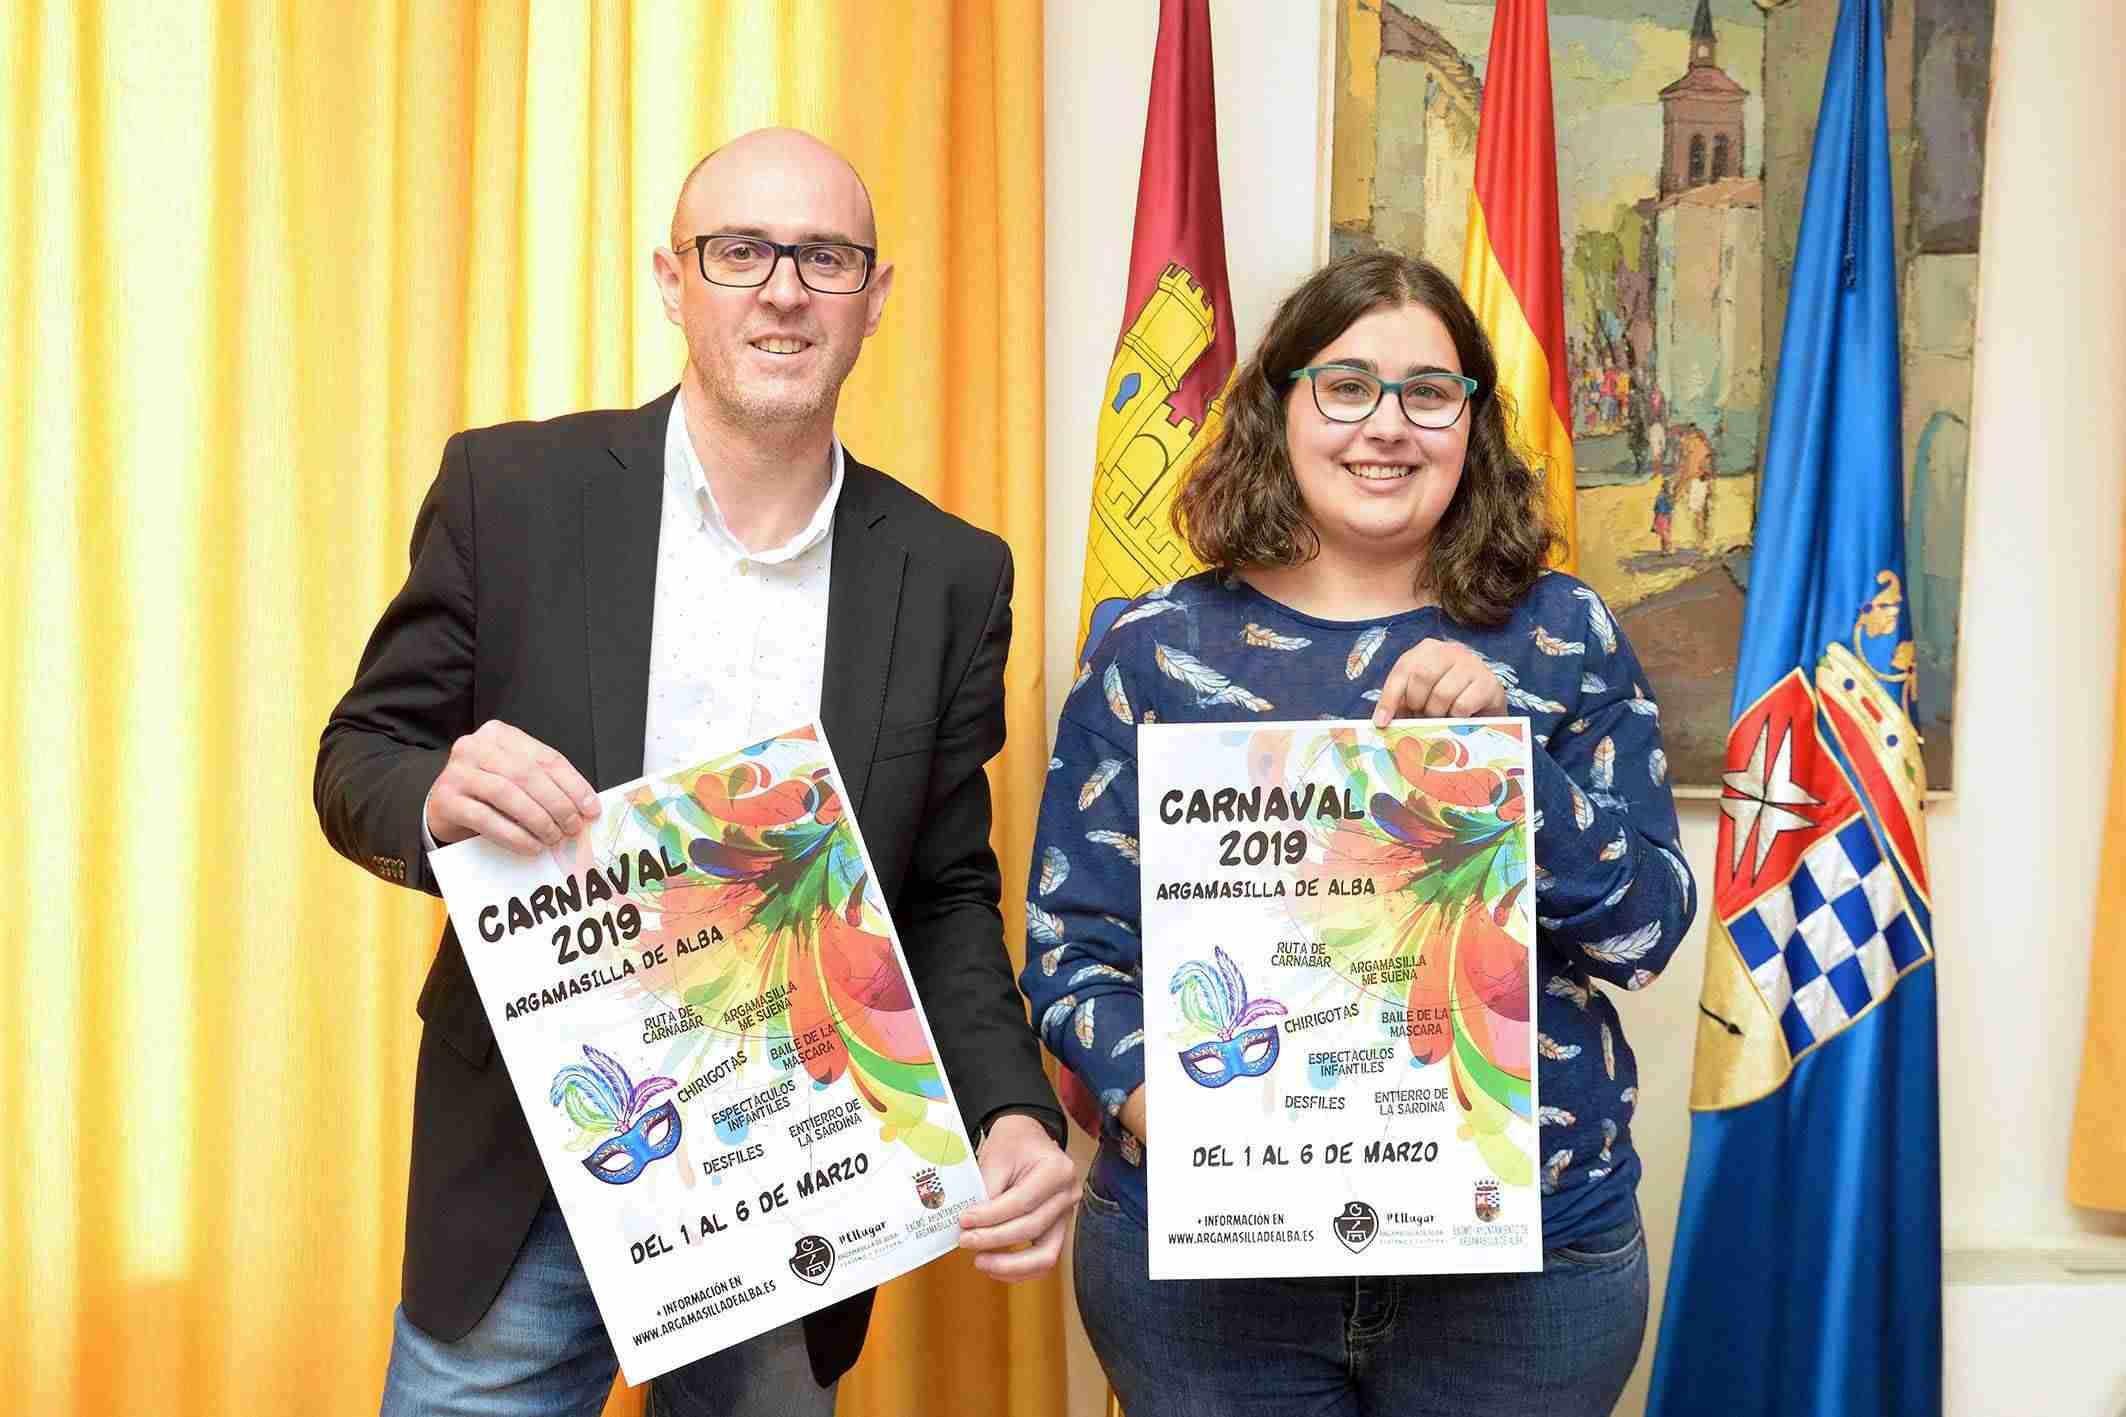 Presentación del Carnaval 2019 de Argamasilla de Alba 1